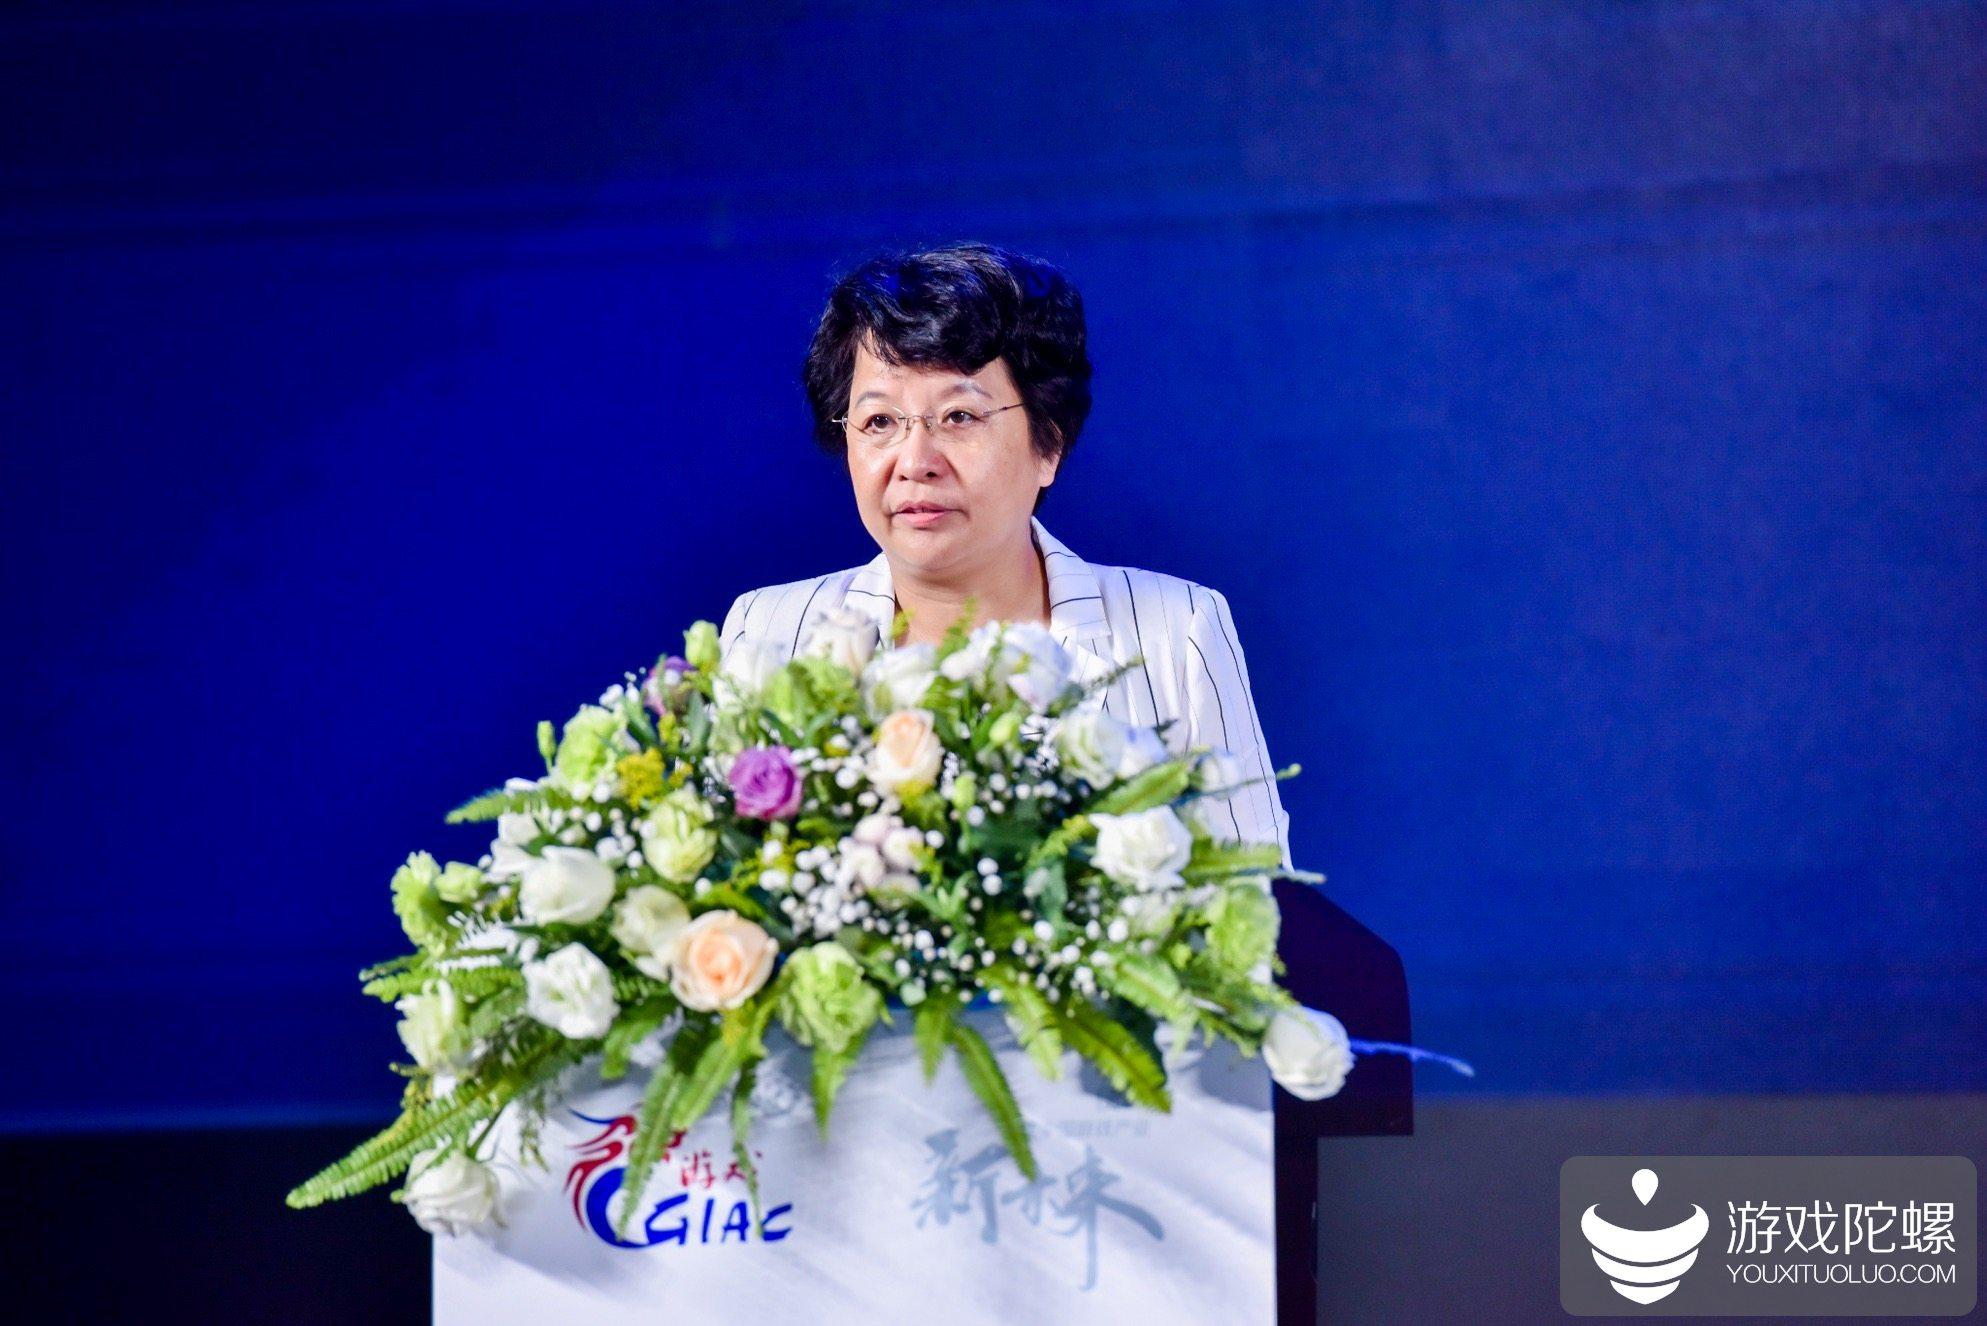 肖莺子:海南五项措施推动游戏产业乘上自贸港建设的东风